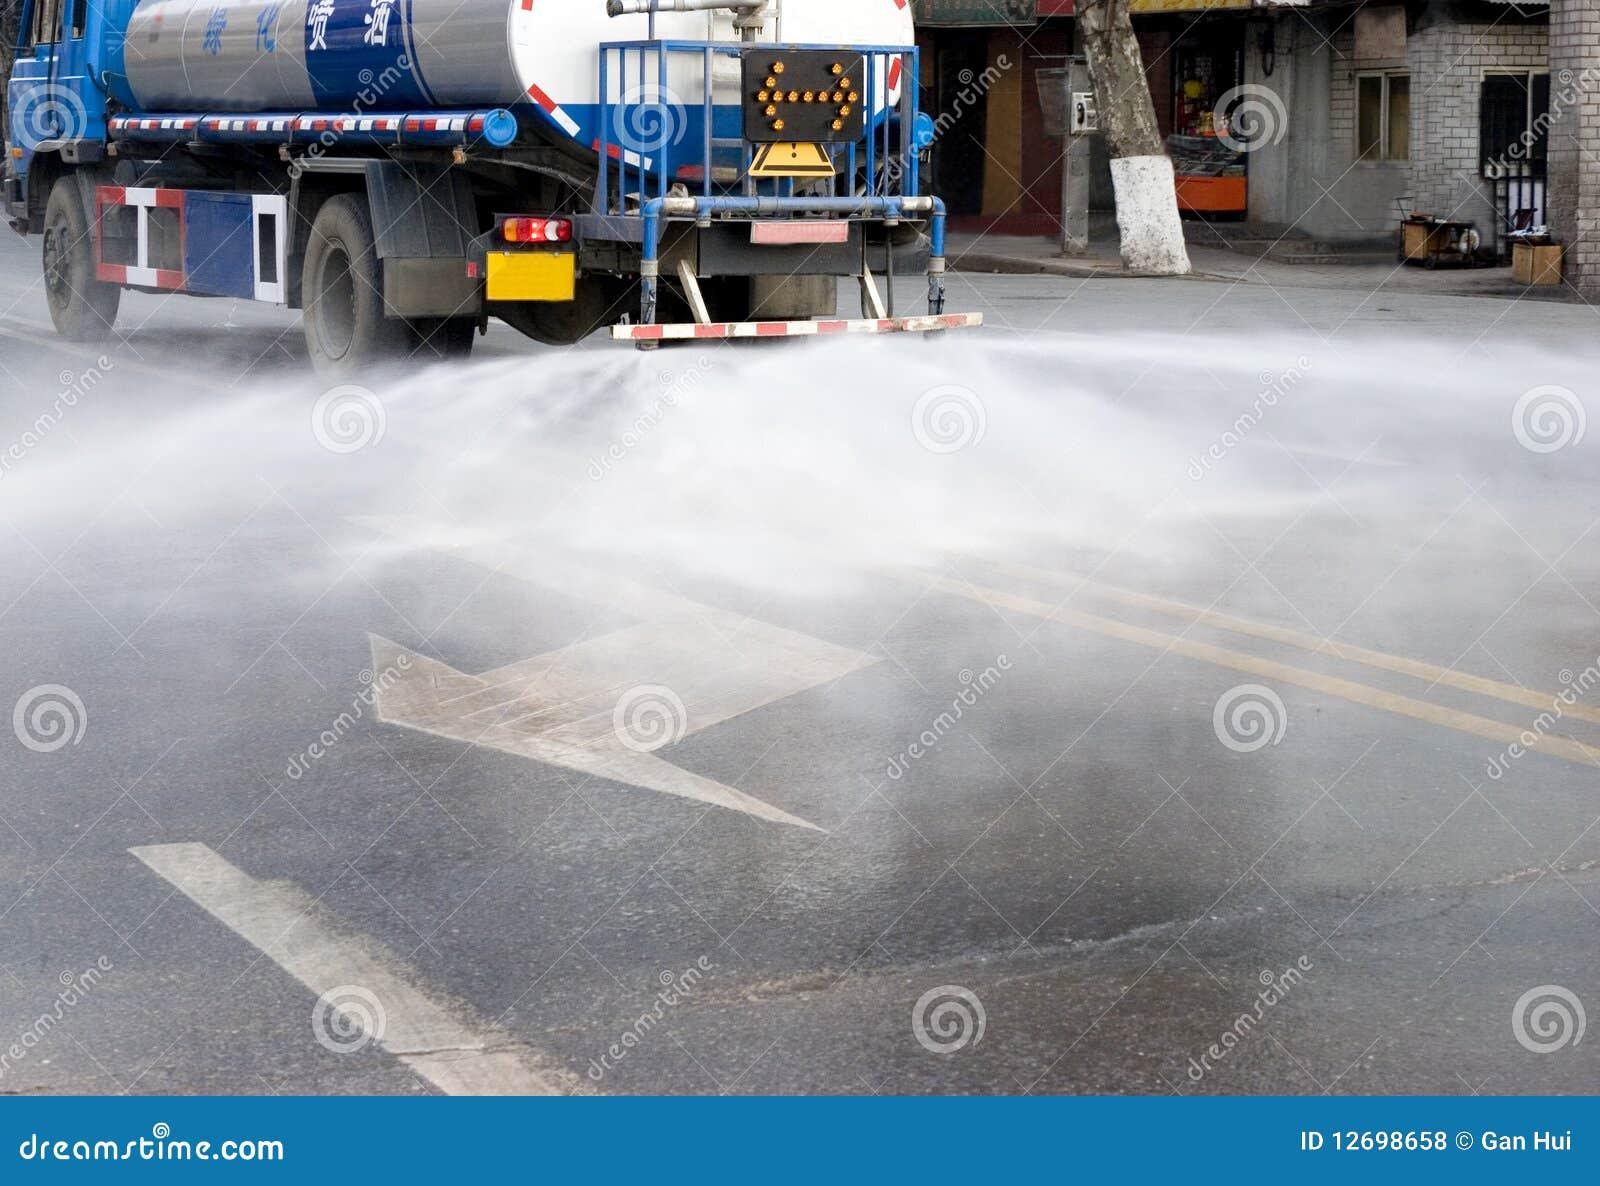 Water van watering the road